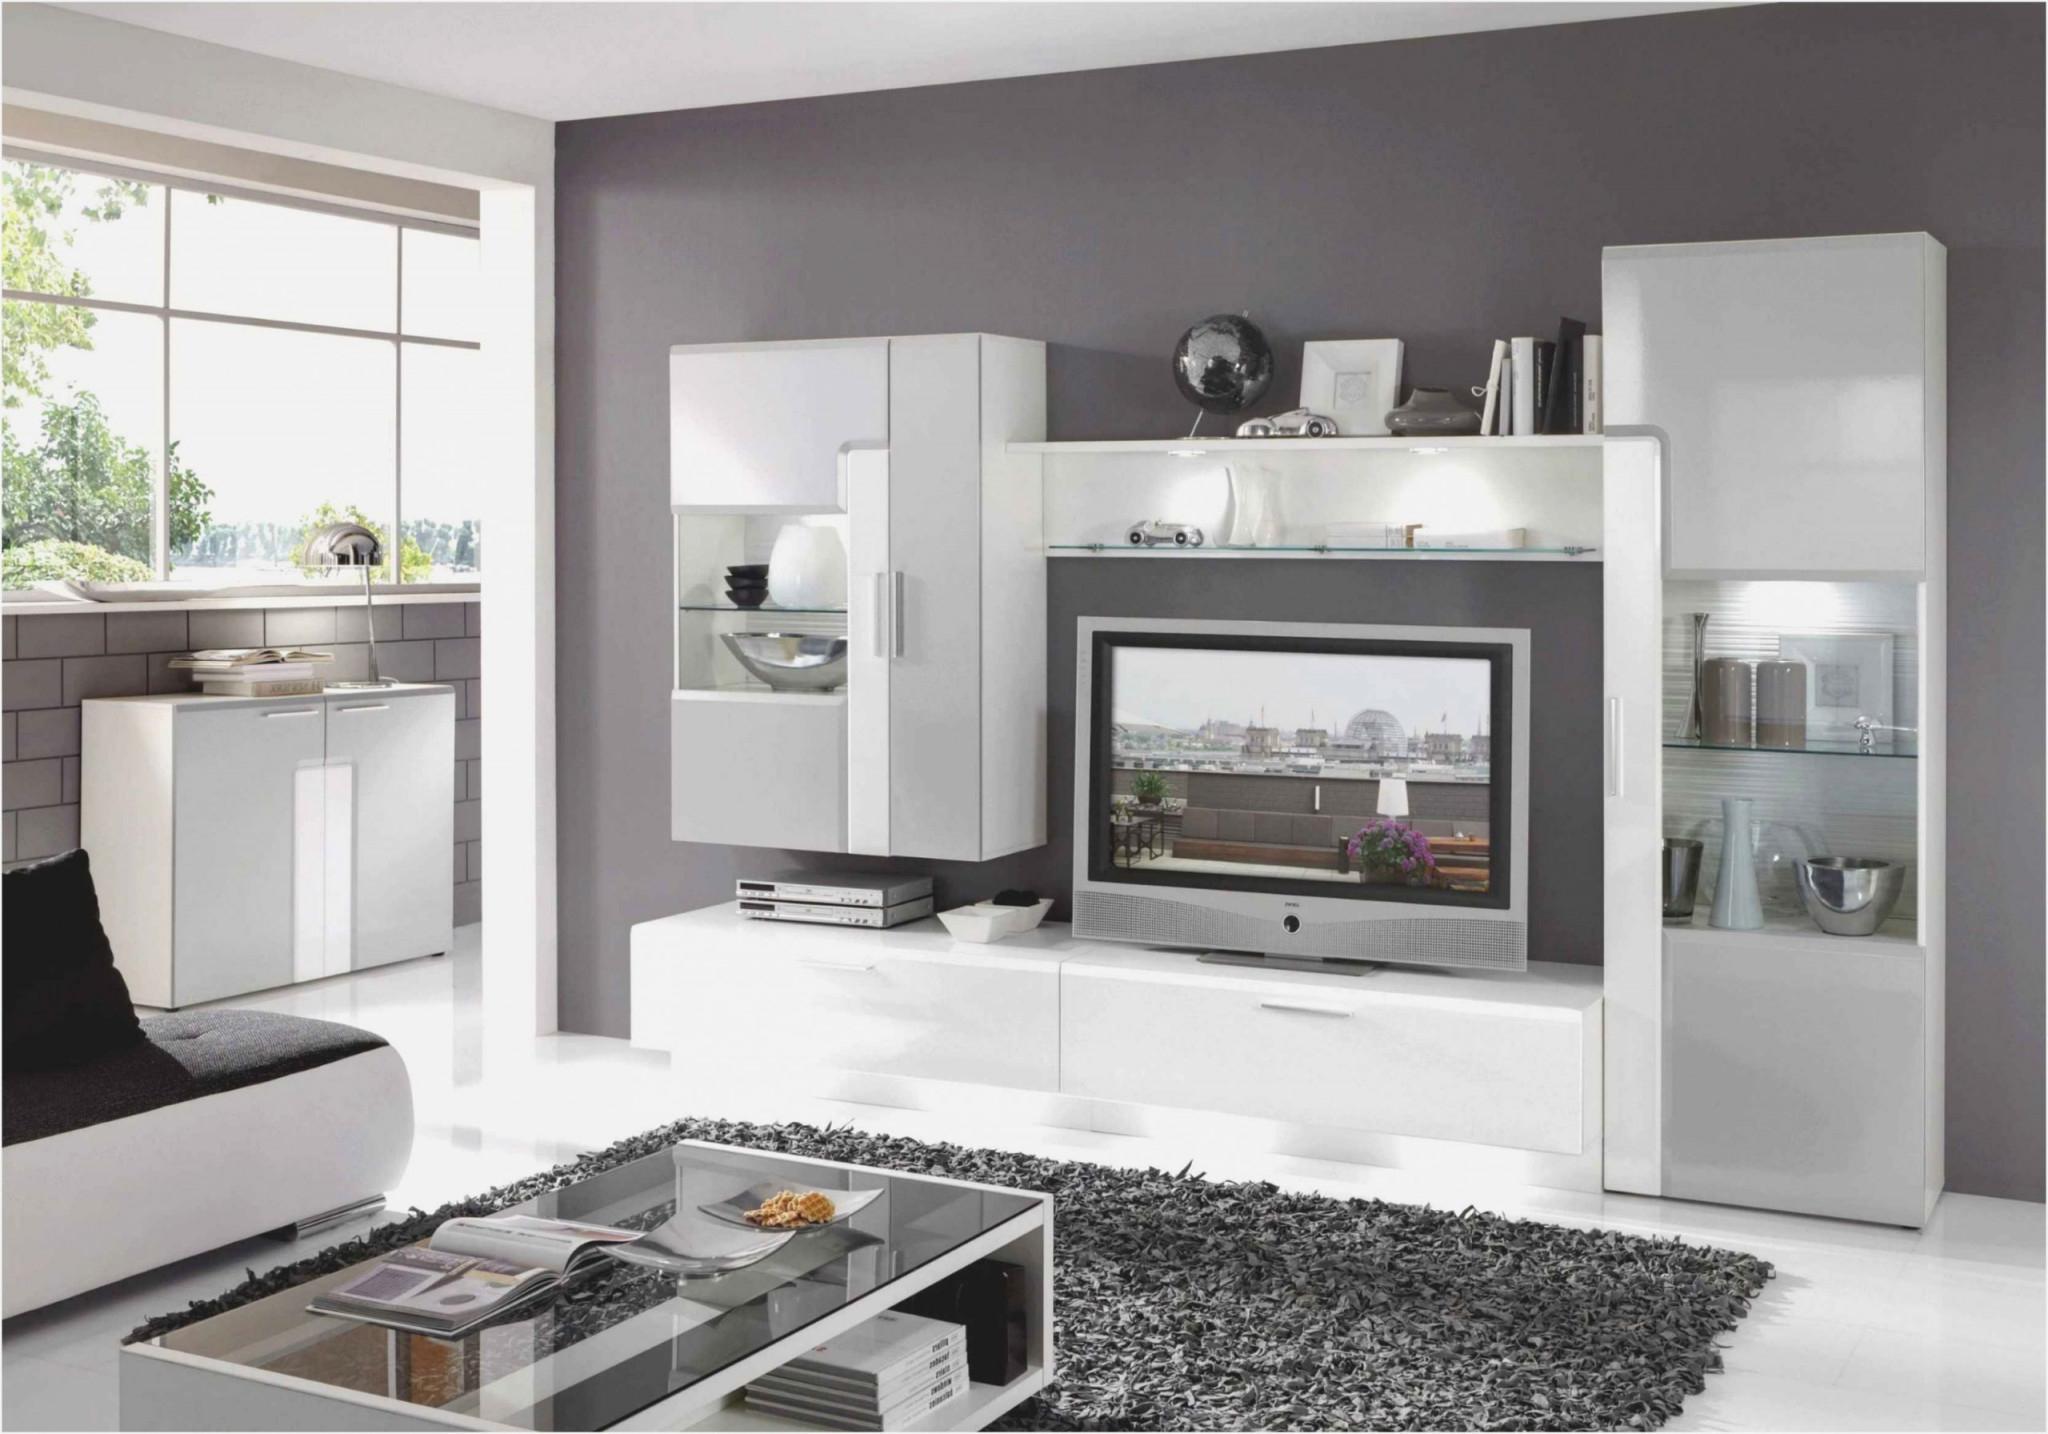 Wohnzimmer Ideen Weiß Lila  Wohnzimmer  Traumhaus von Wohnzimmer Ideen Weiß Photo